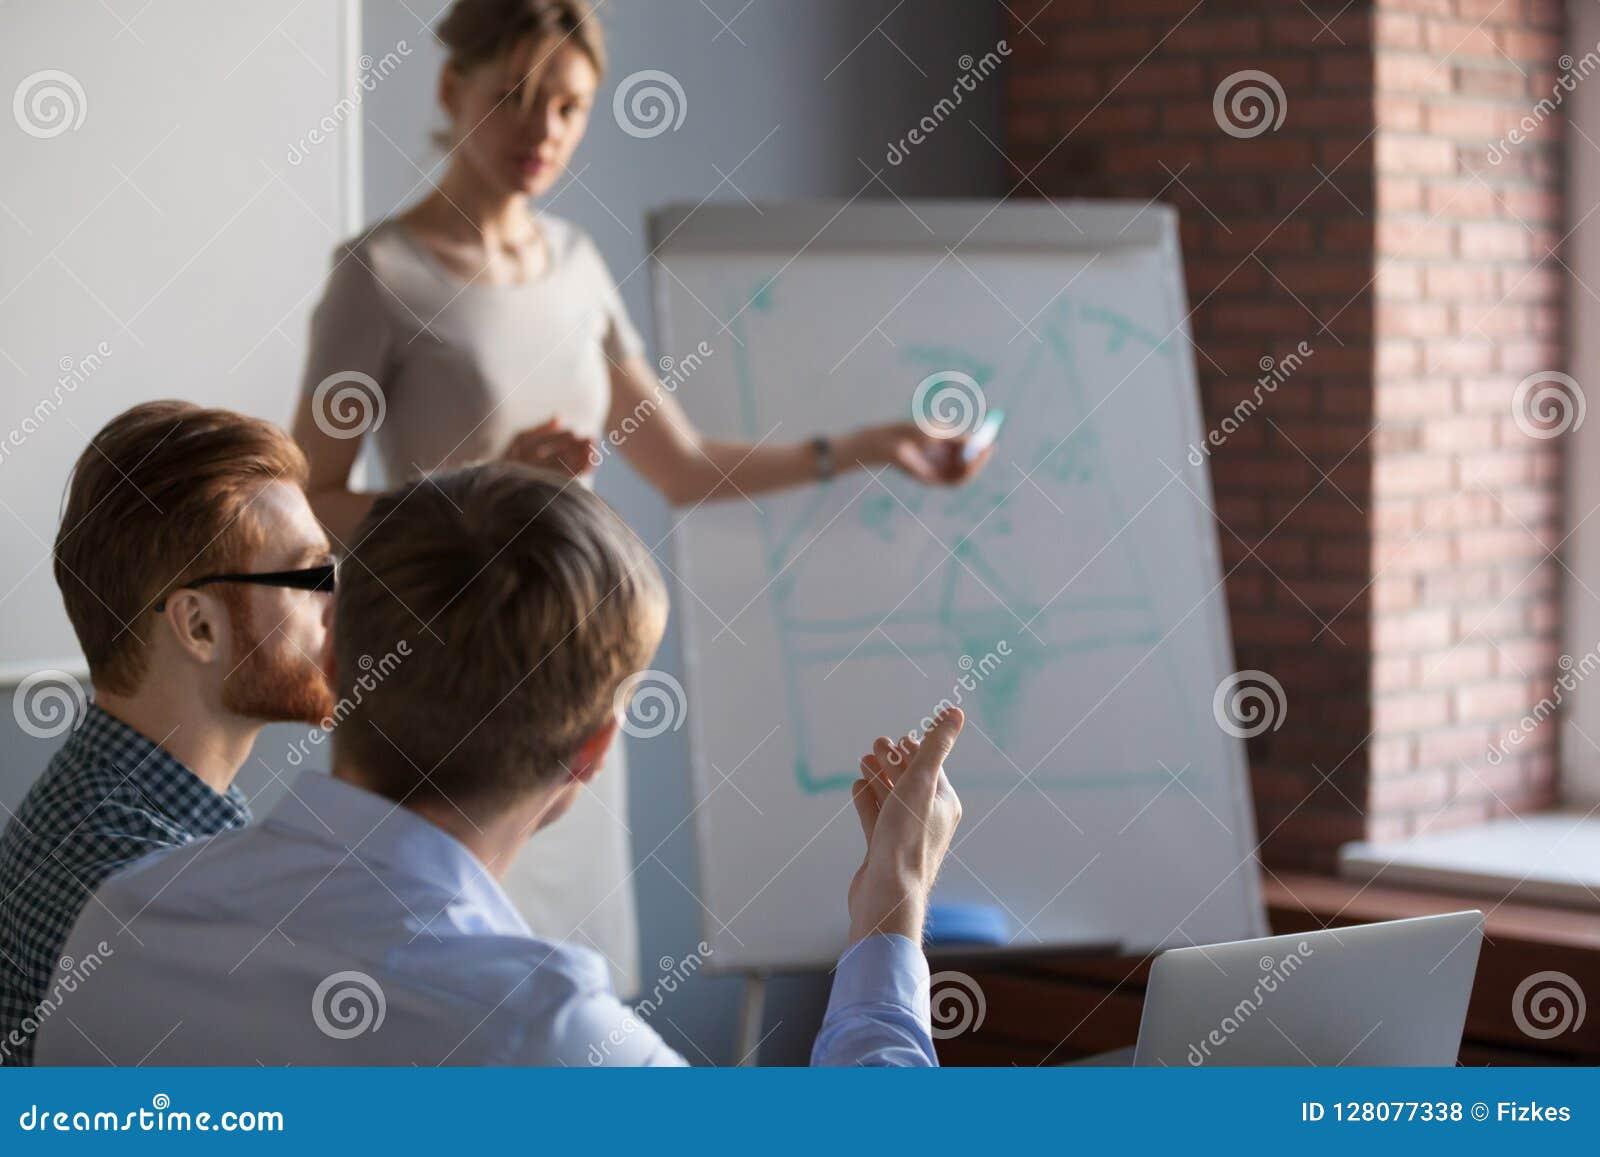 Achtermening bij zakenman die vraag stellen aan spreker bij opleiding